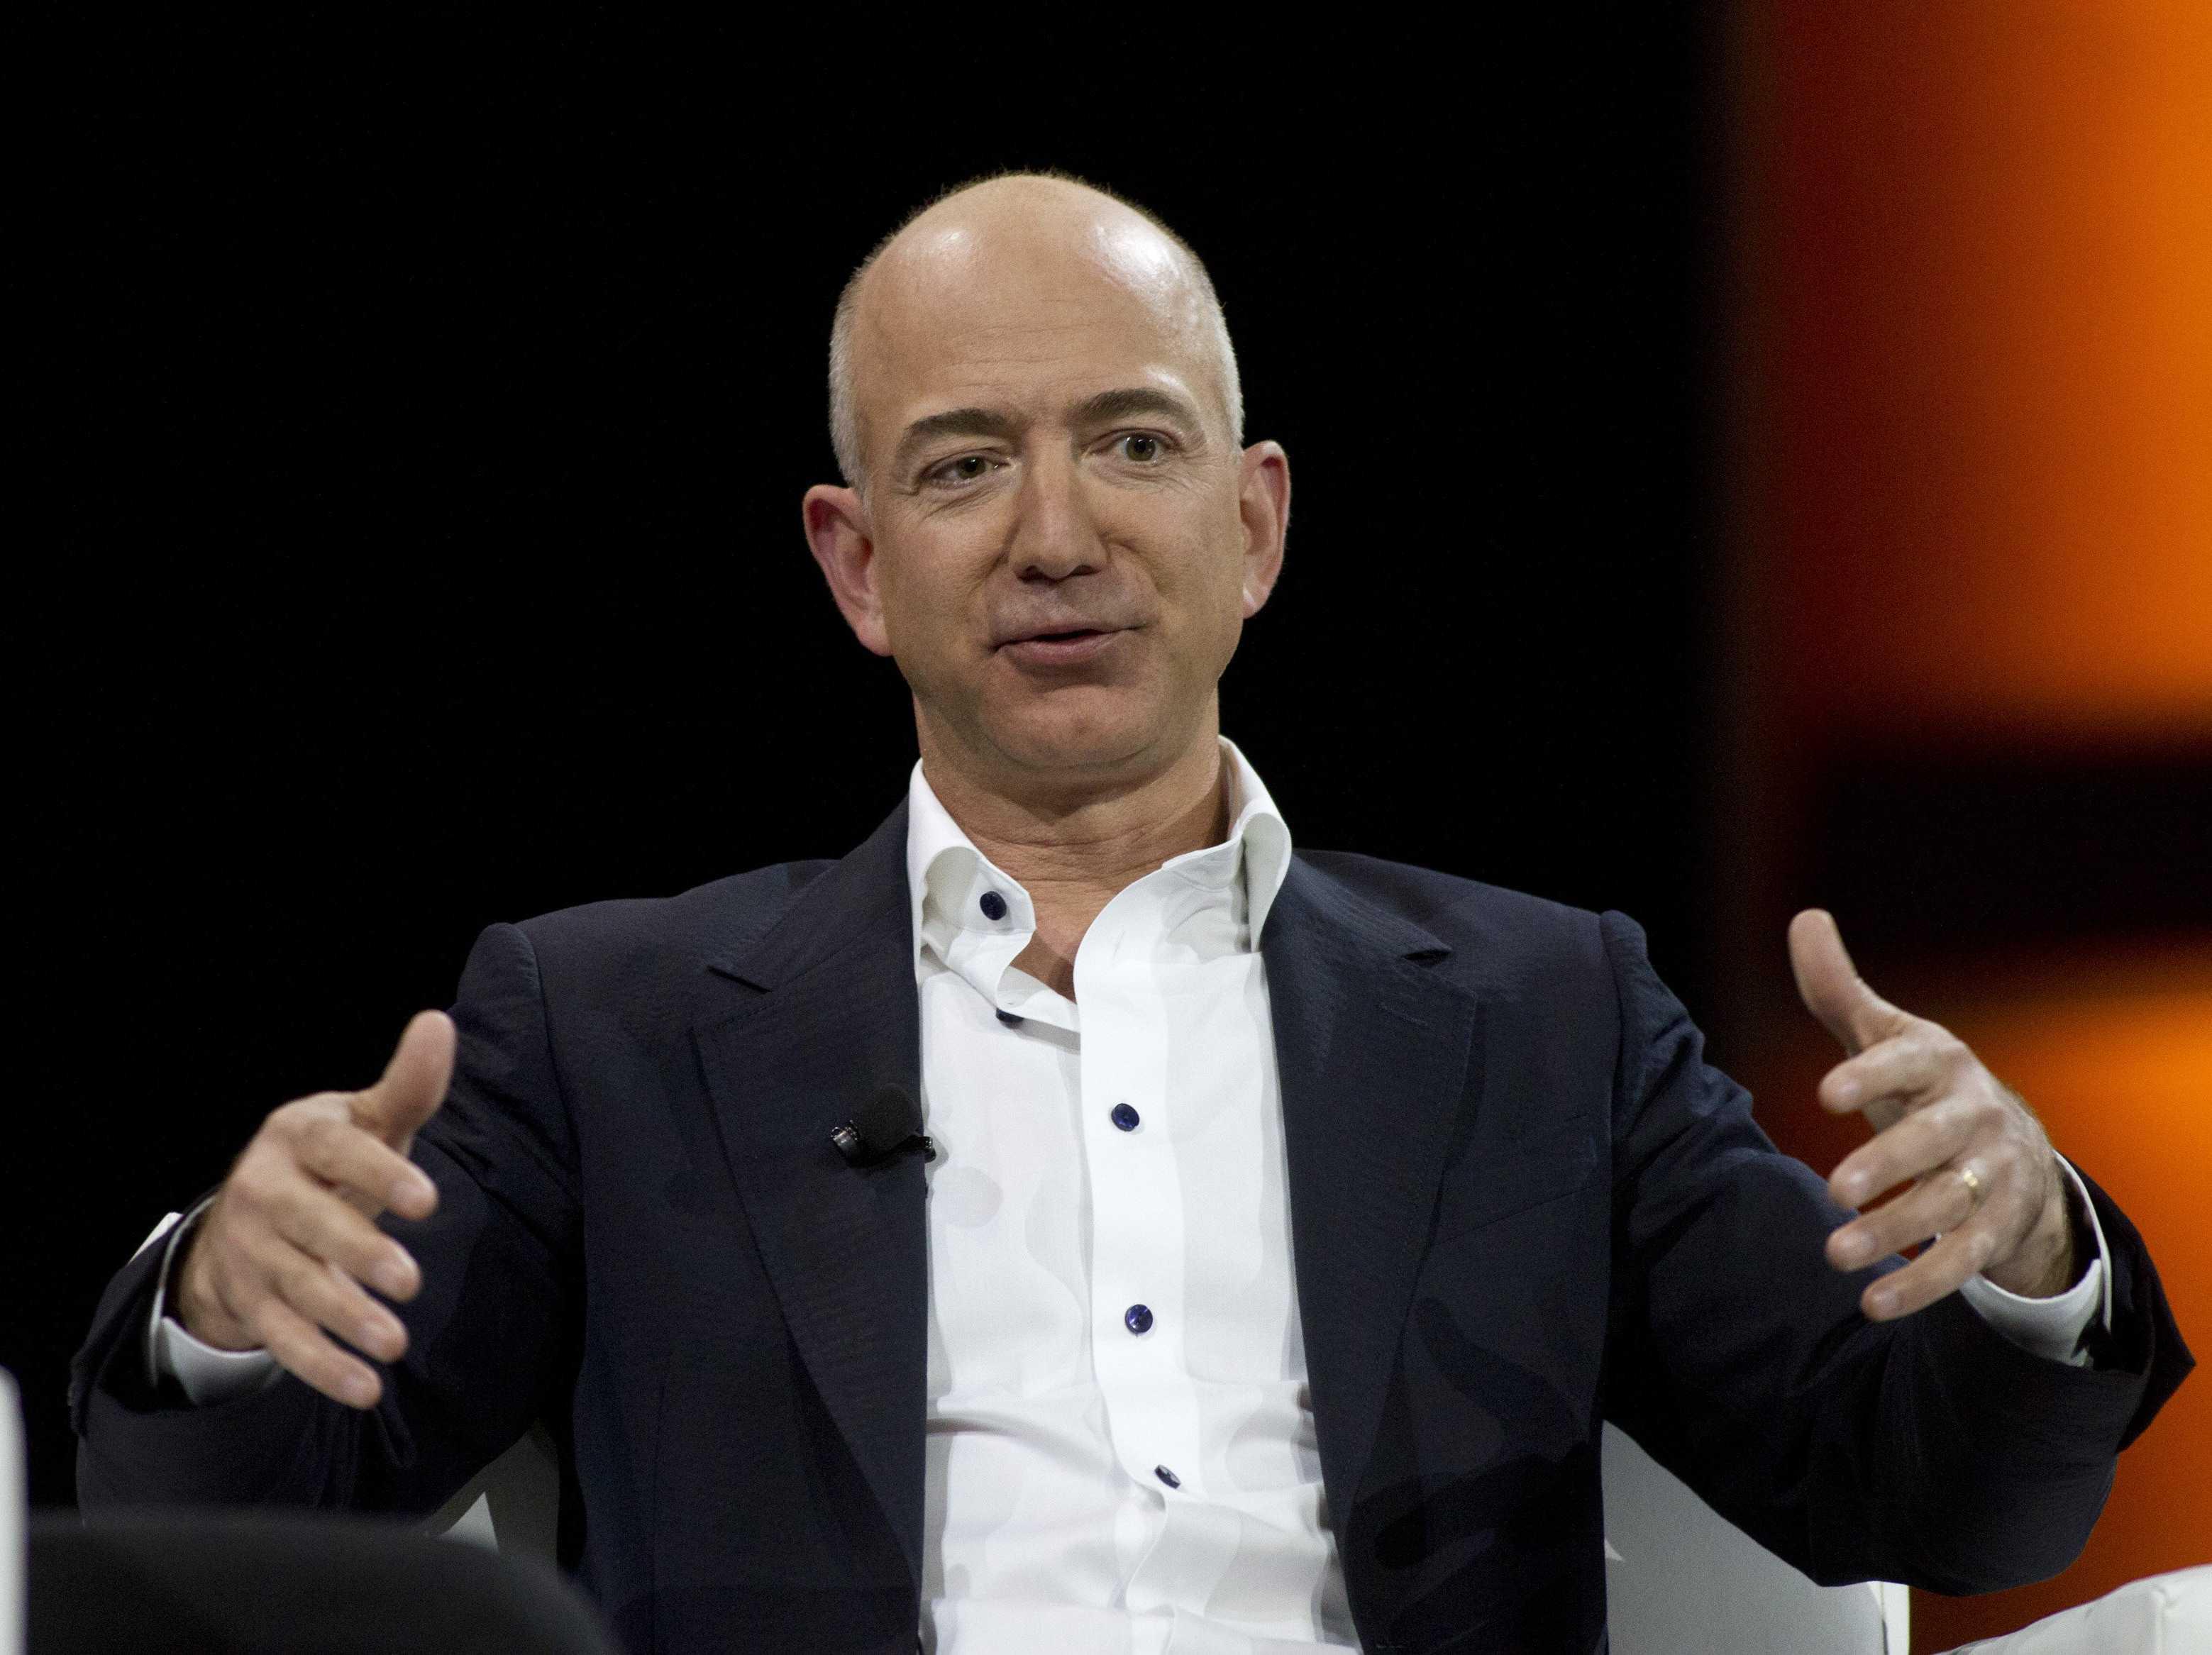 Forbes pubblica la classifica delle persone più ricche del mondo